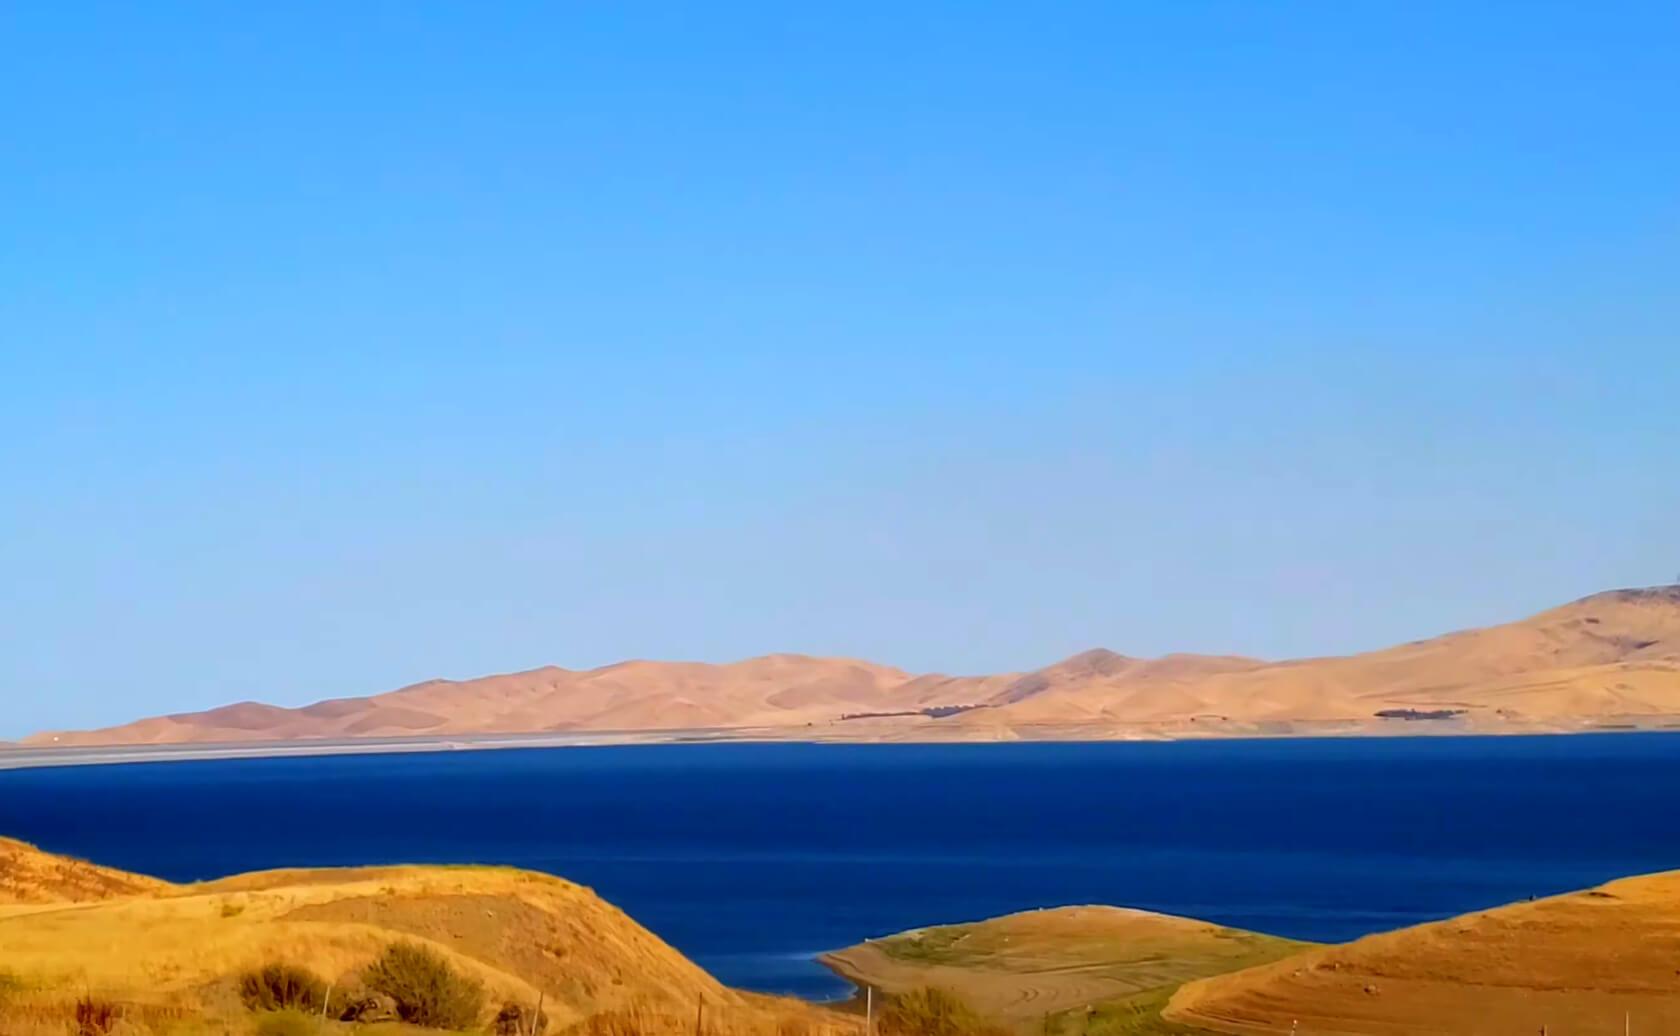 San-Luis-Lake-Fishing-Guide-Report-California-02